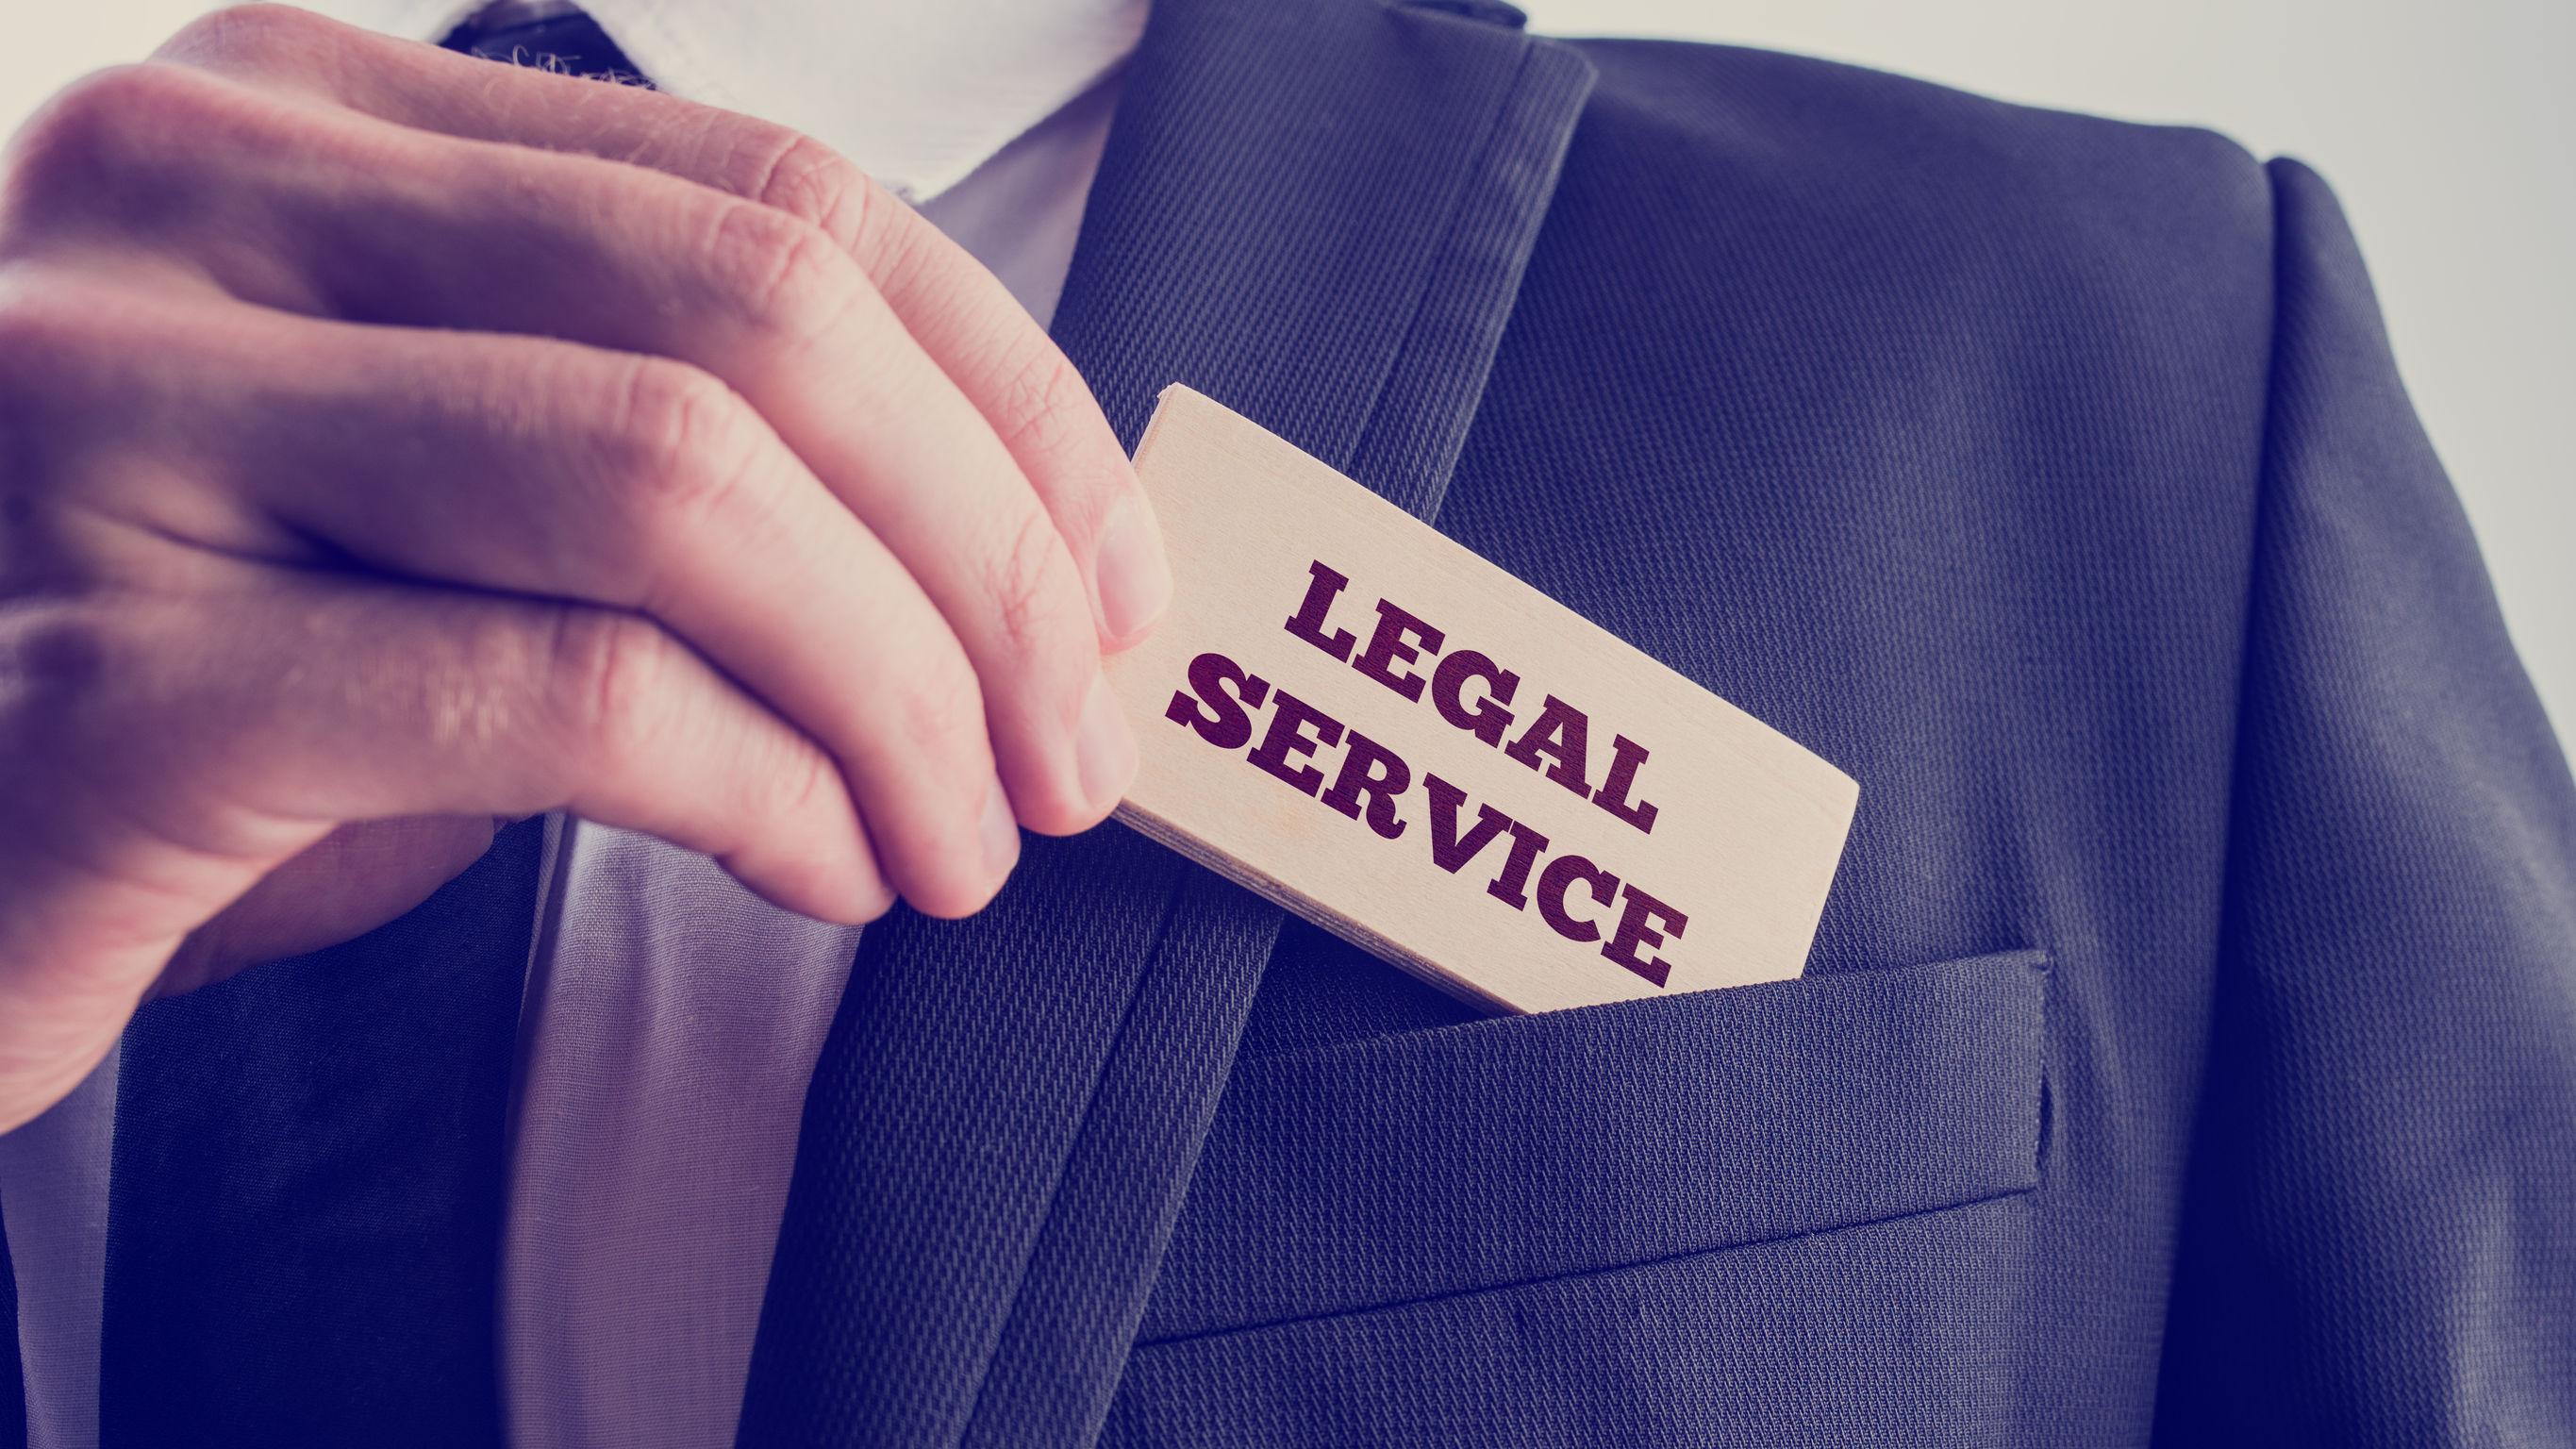 Dịch vụ luật sư tốt được đánh giá như thế nào